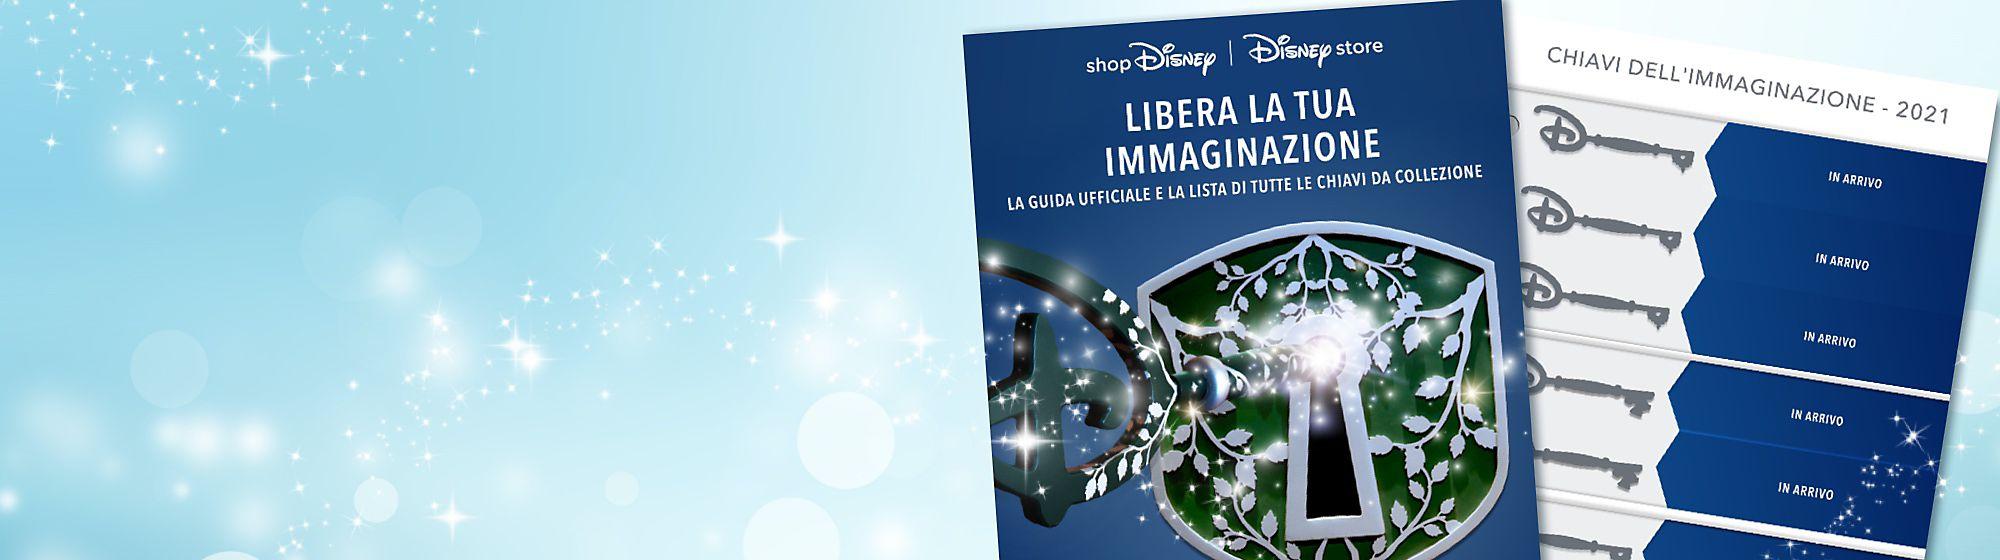 Chiavi Imagination Libera la magia con le nostre chiavi Imagination. Ispirate alle chiavi Opening Ceremony disponibili nei Disney Store, queste particolari chiavi sono perfette per fan e collezionisti Disney. Controlla quali chiavi sono uscite fino ad ora nella nostra checklist.